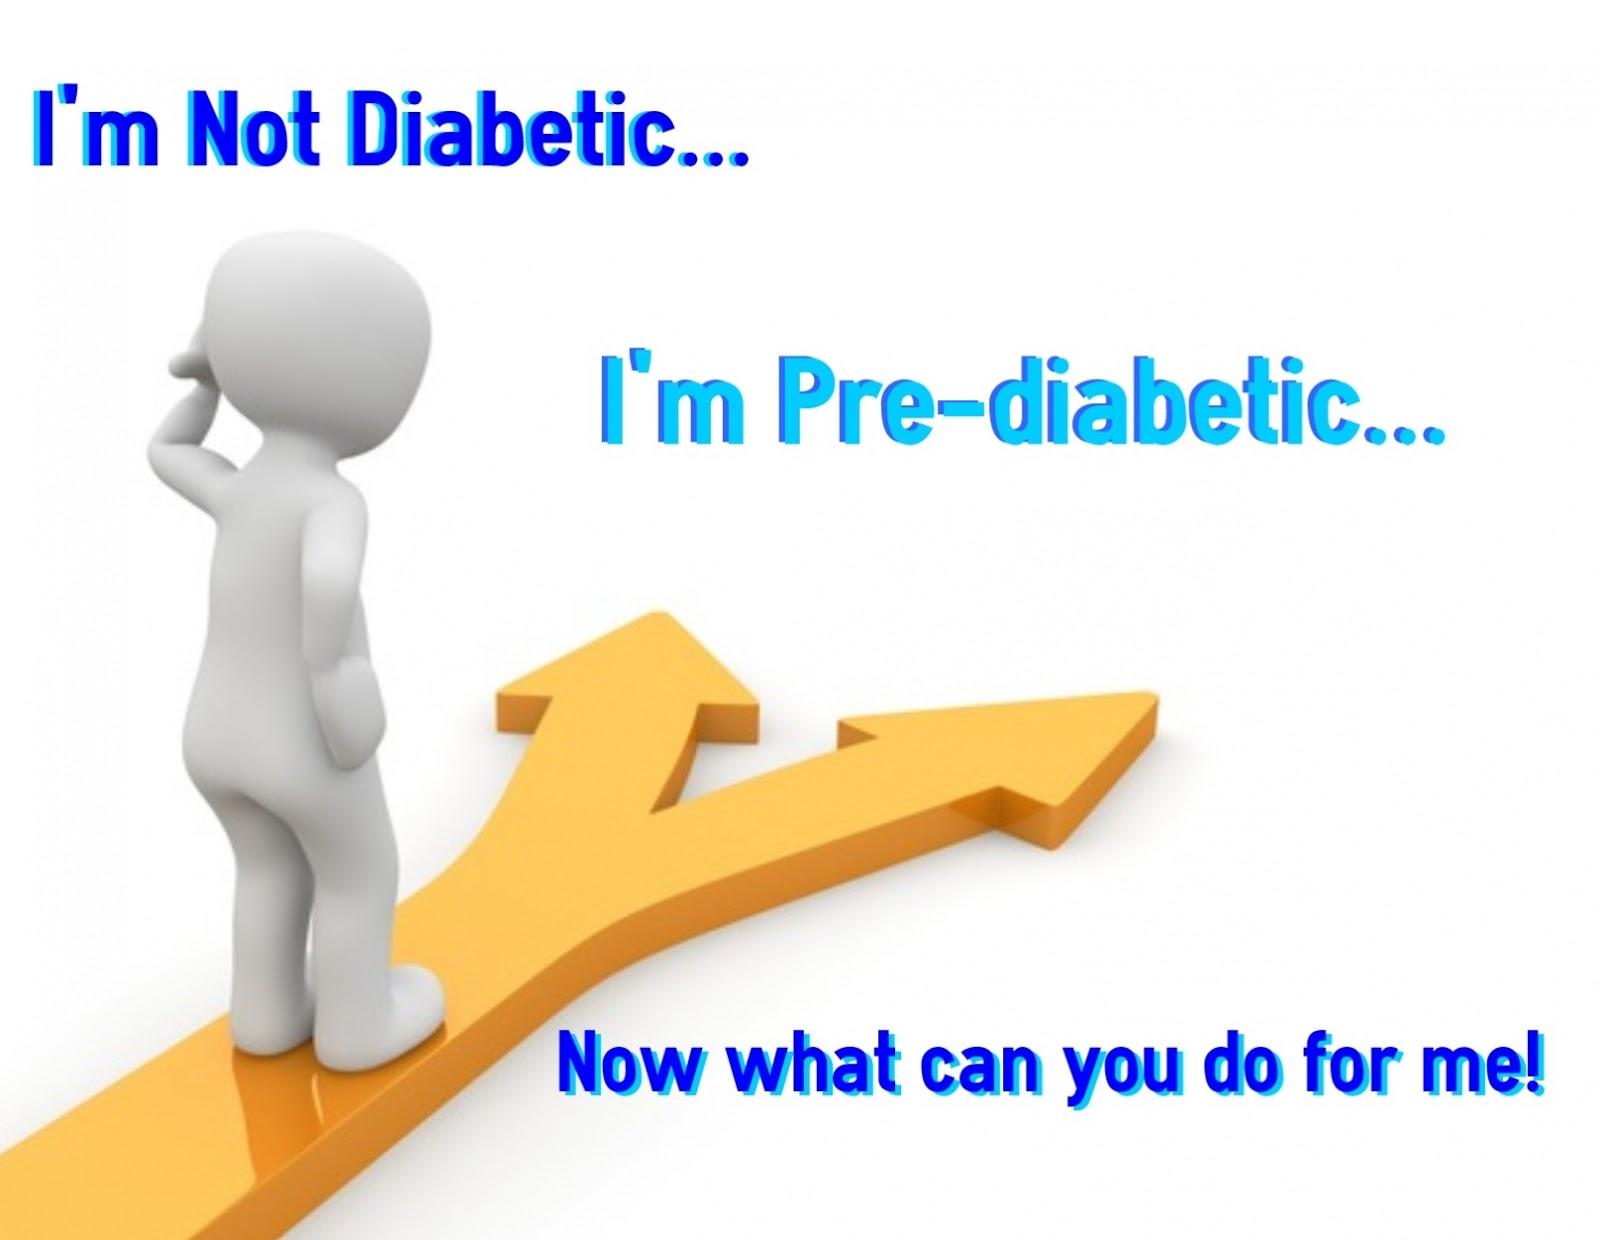 cara mencegah kencing manis sebelum kene cucuk insulin